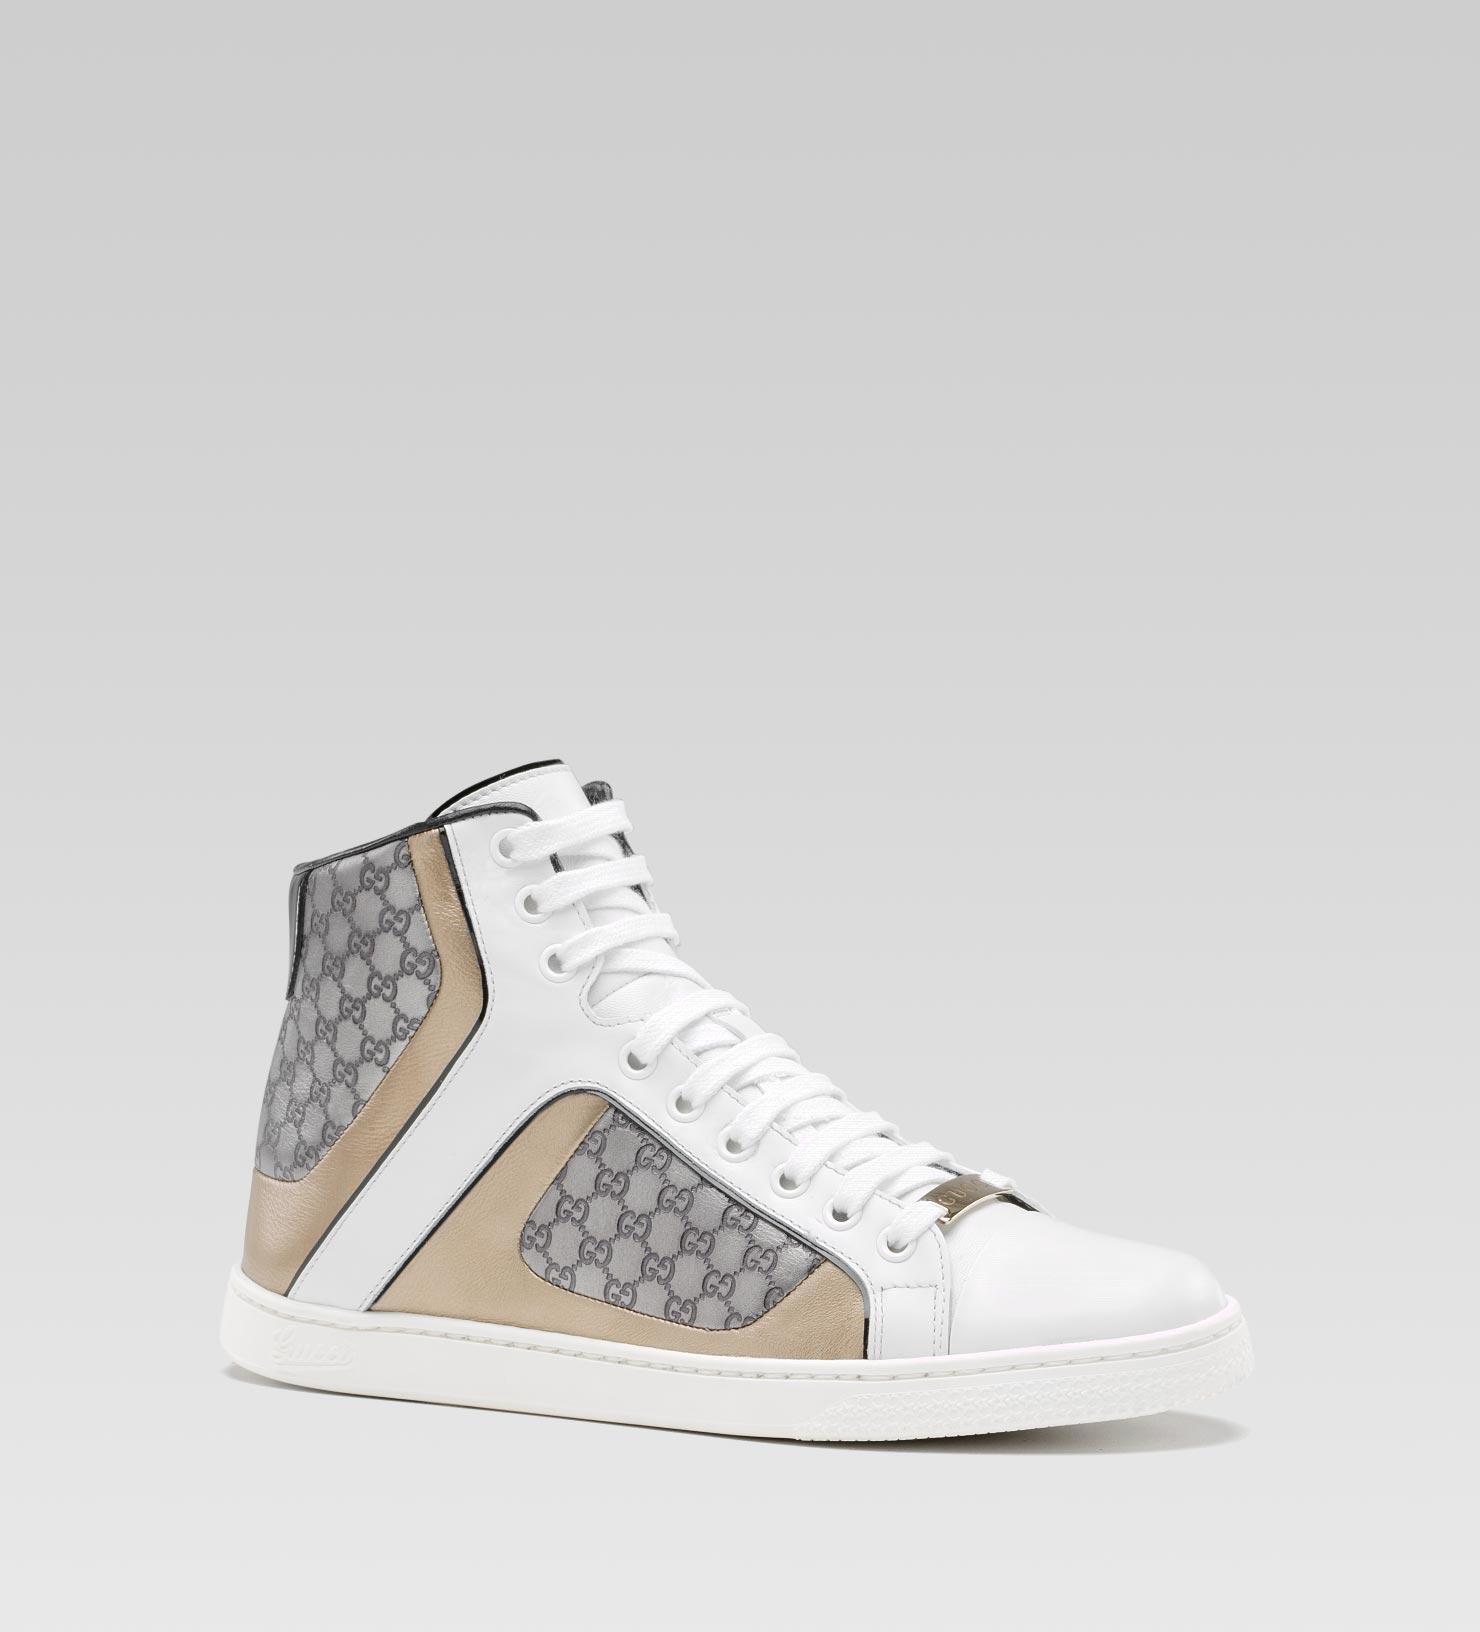 c22c0c091e6 Lyst - Gucci Coda Pop Hightop Sneaker in White